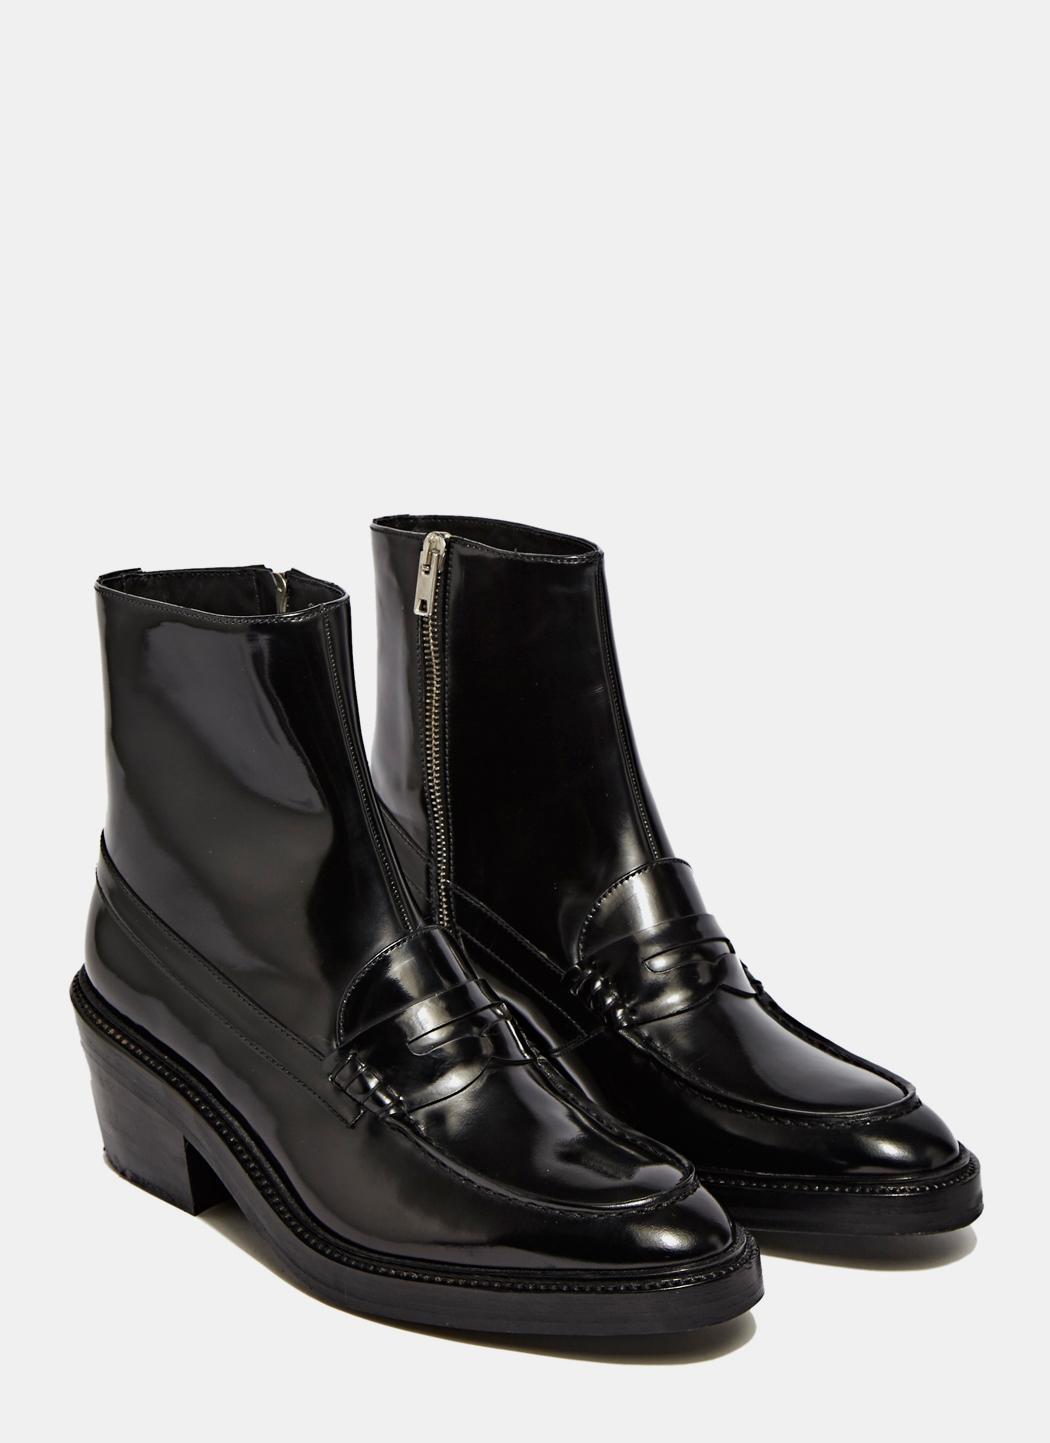 18d89903a8b8 Lyst - Yang Li Women s Penny Loafer Ankle Boots In Black in Black